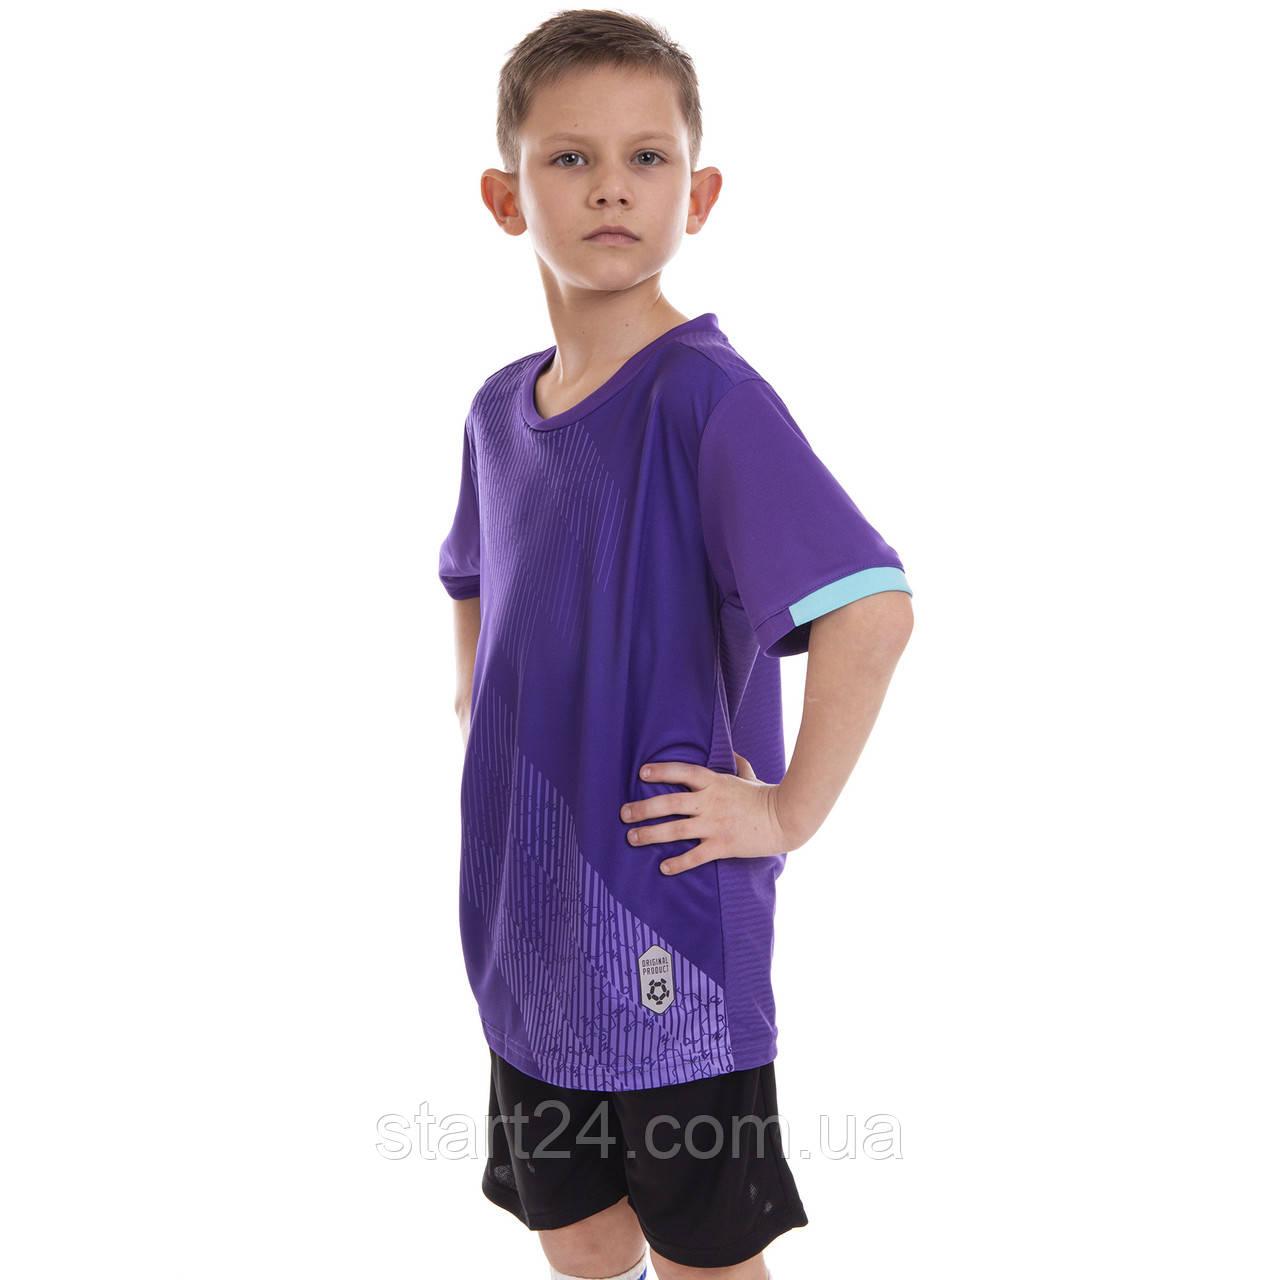 Форма футбольна дитяча SP Sport D8827B (PL, р-р 3XS-S, кольори в асортименті)